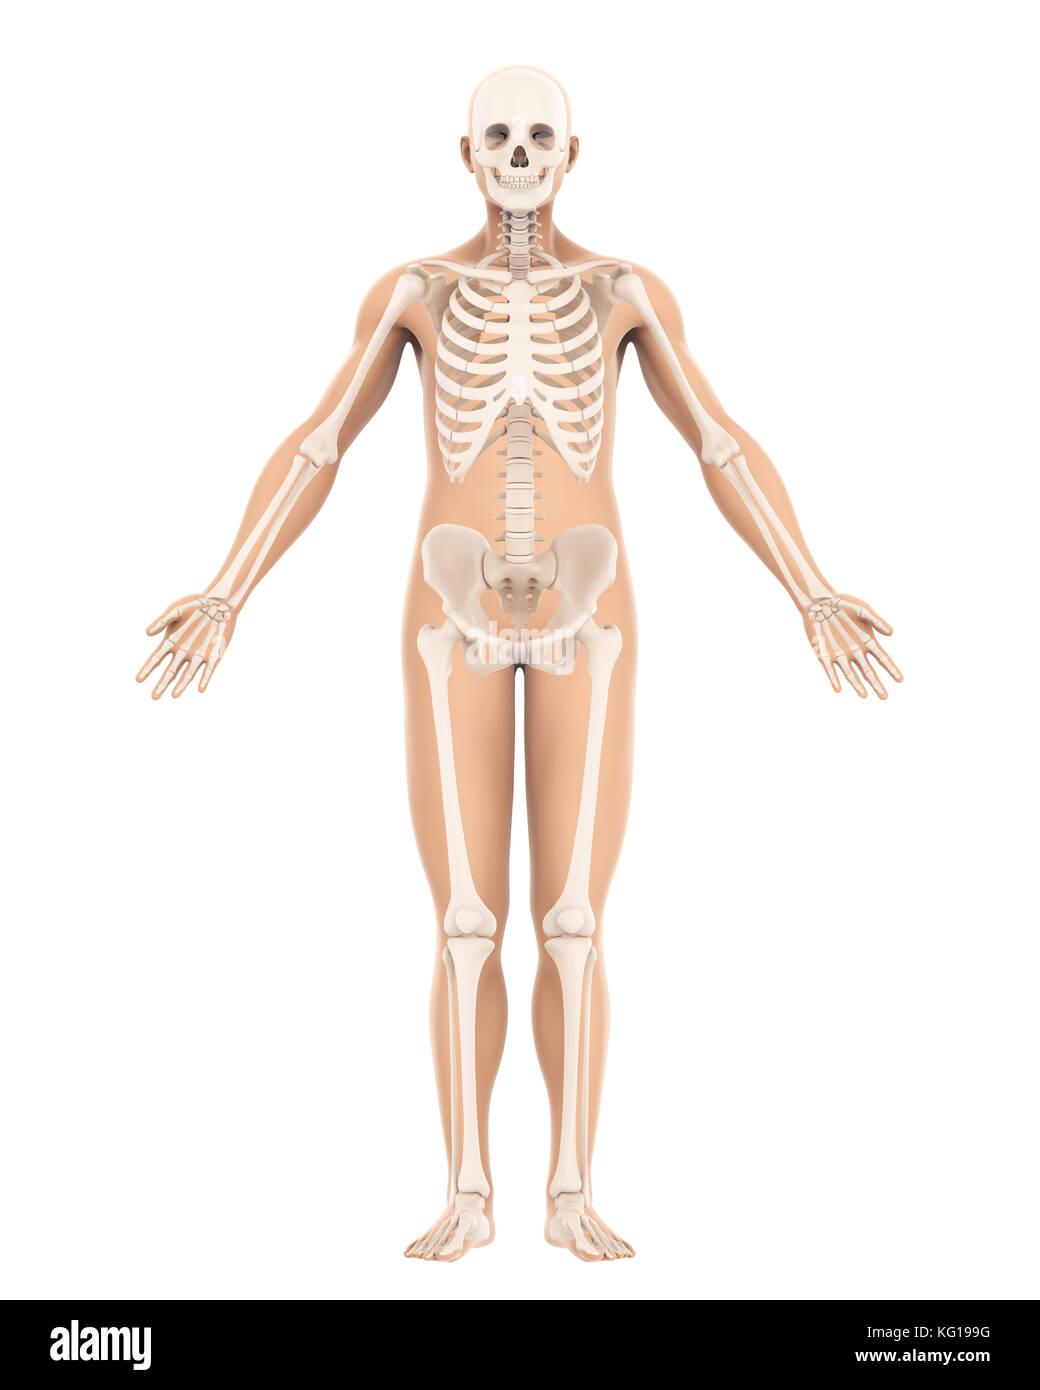 Großzügig Anatomie Und Physiologie Des Skeletts Bilder - Anatomie ...